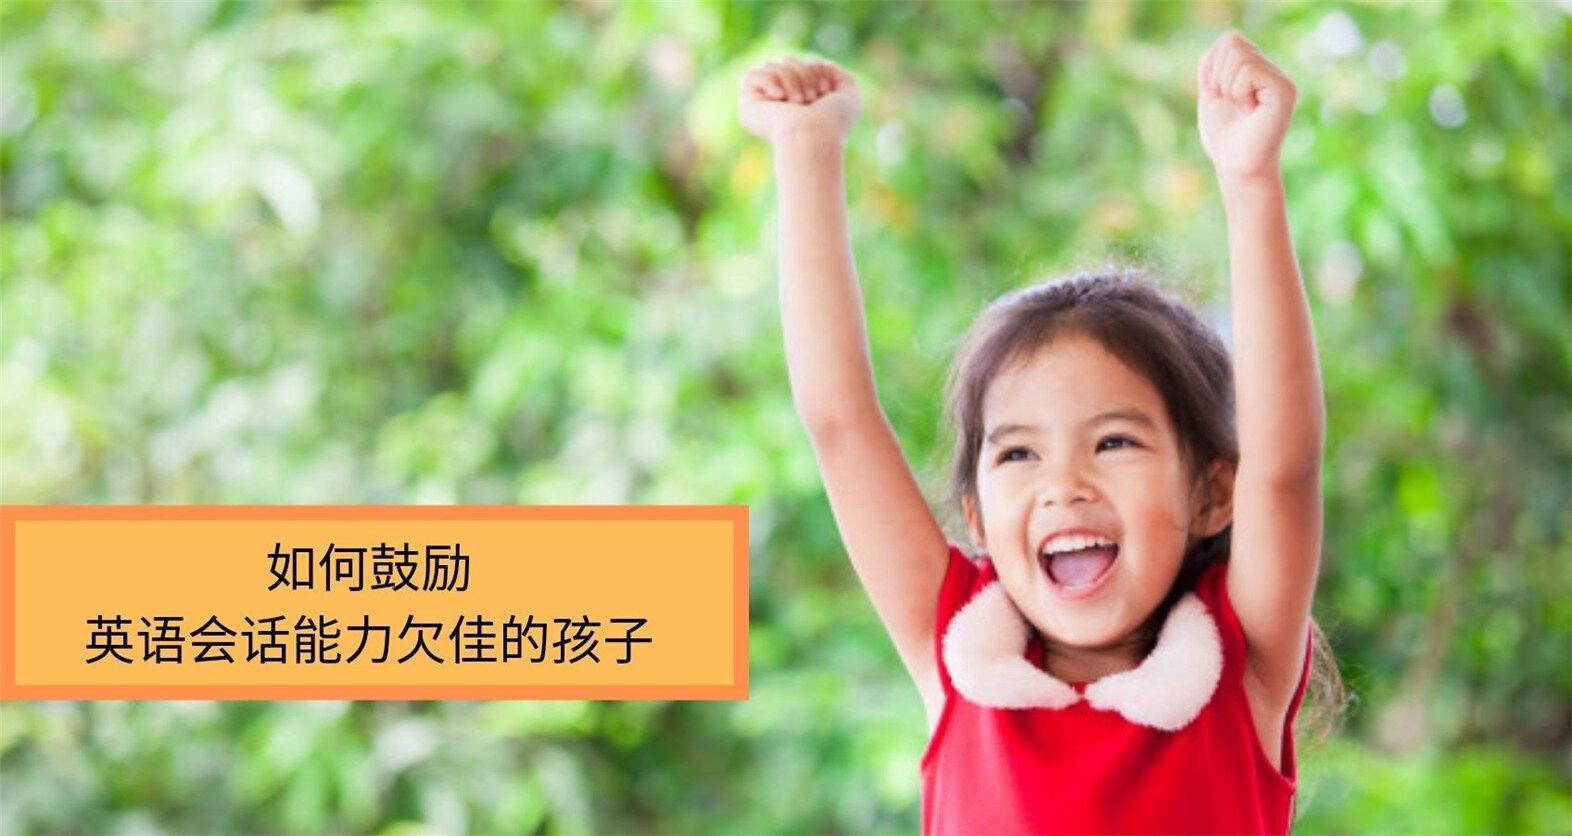 如何鼓励英语会话能力欠佳的孩子